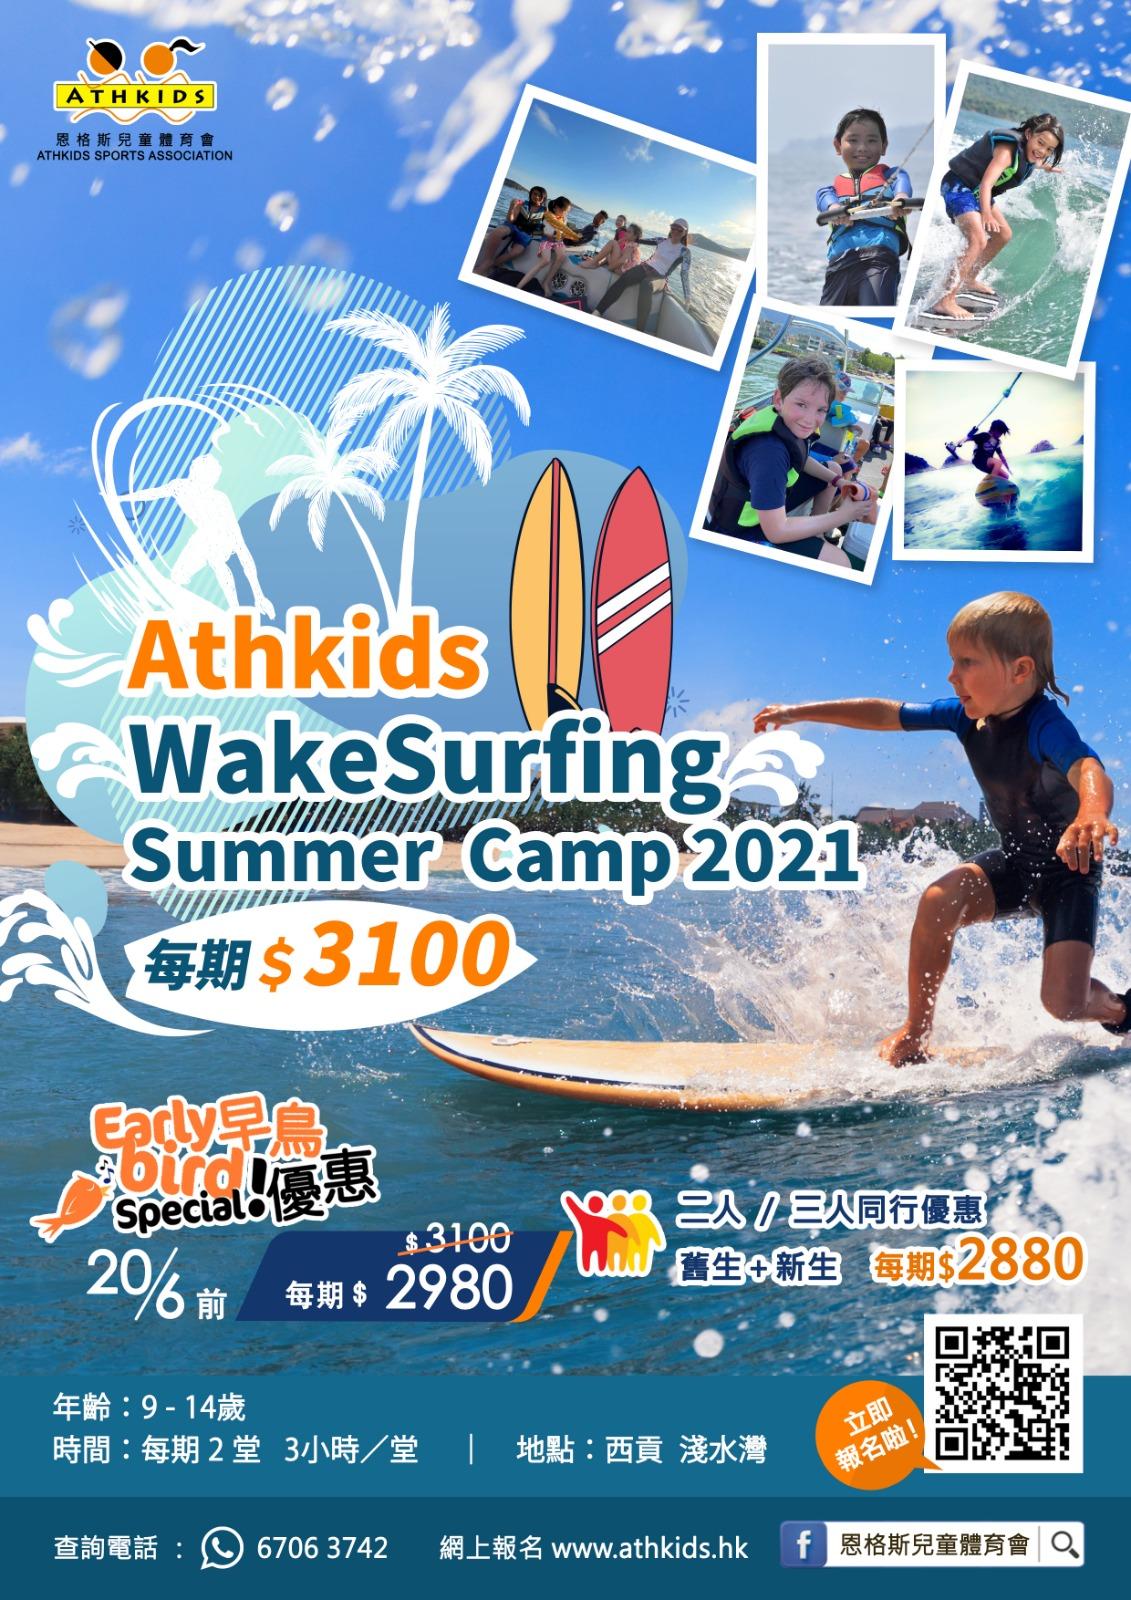 Athkids WakeSurfing Summer Camp 2021